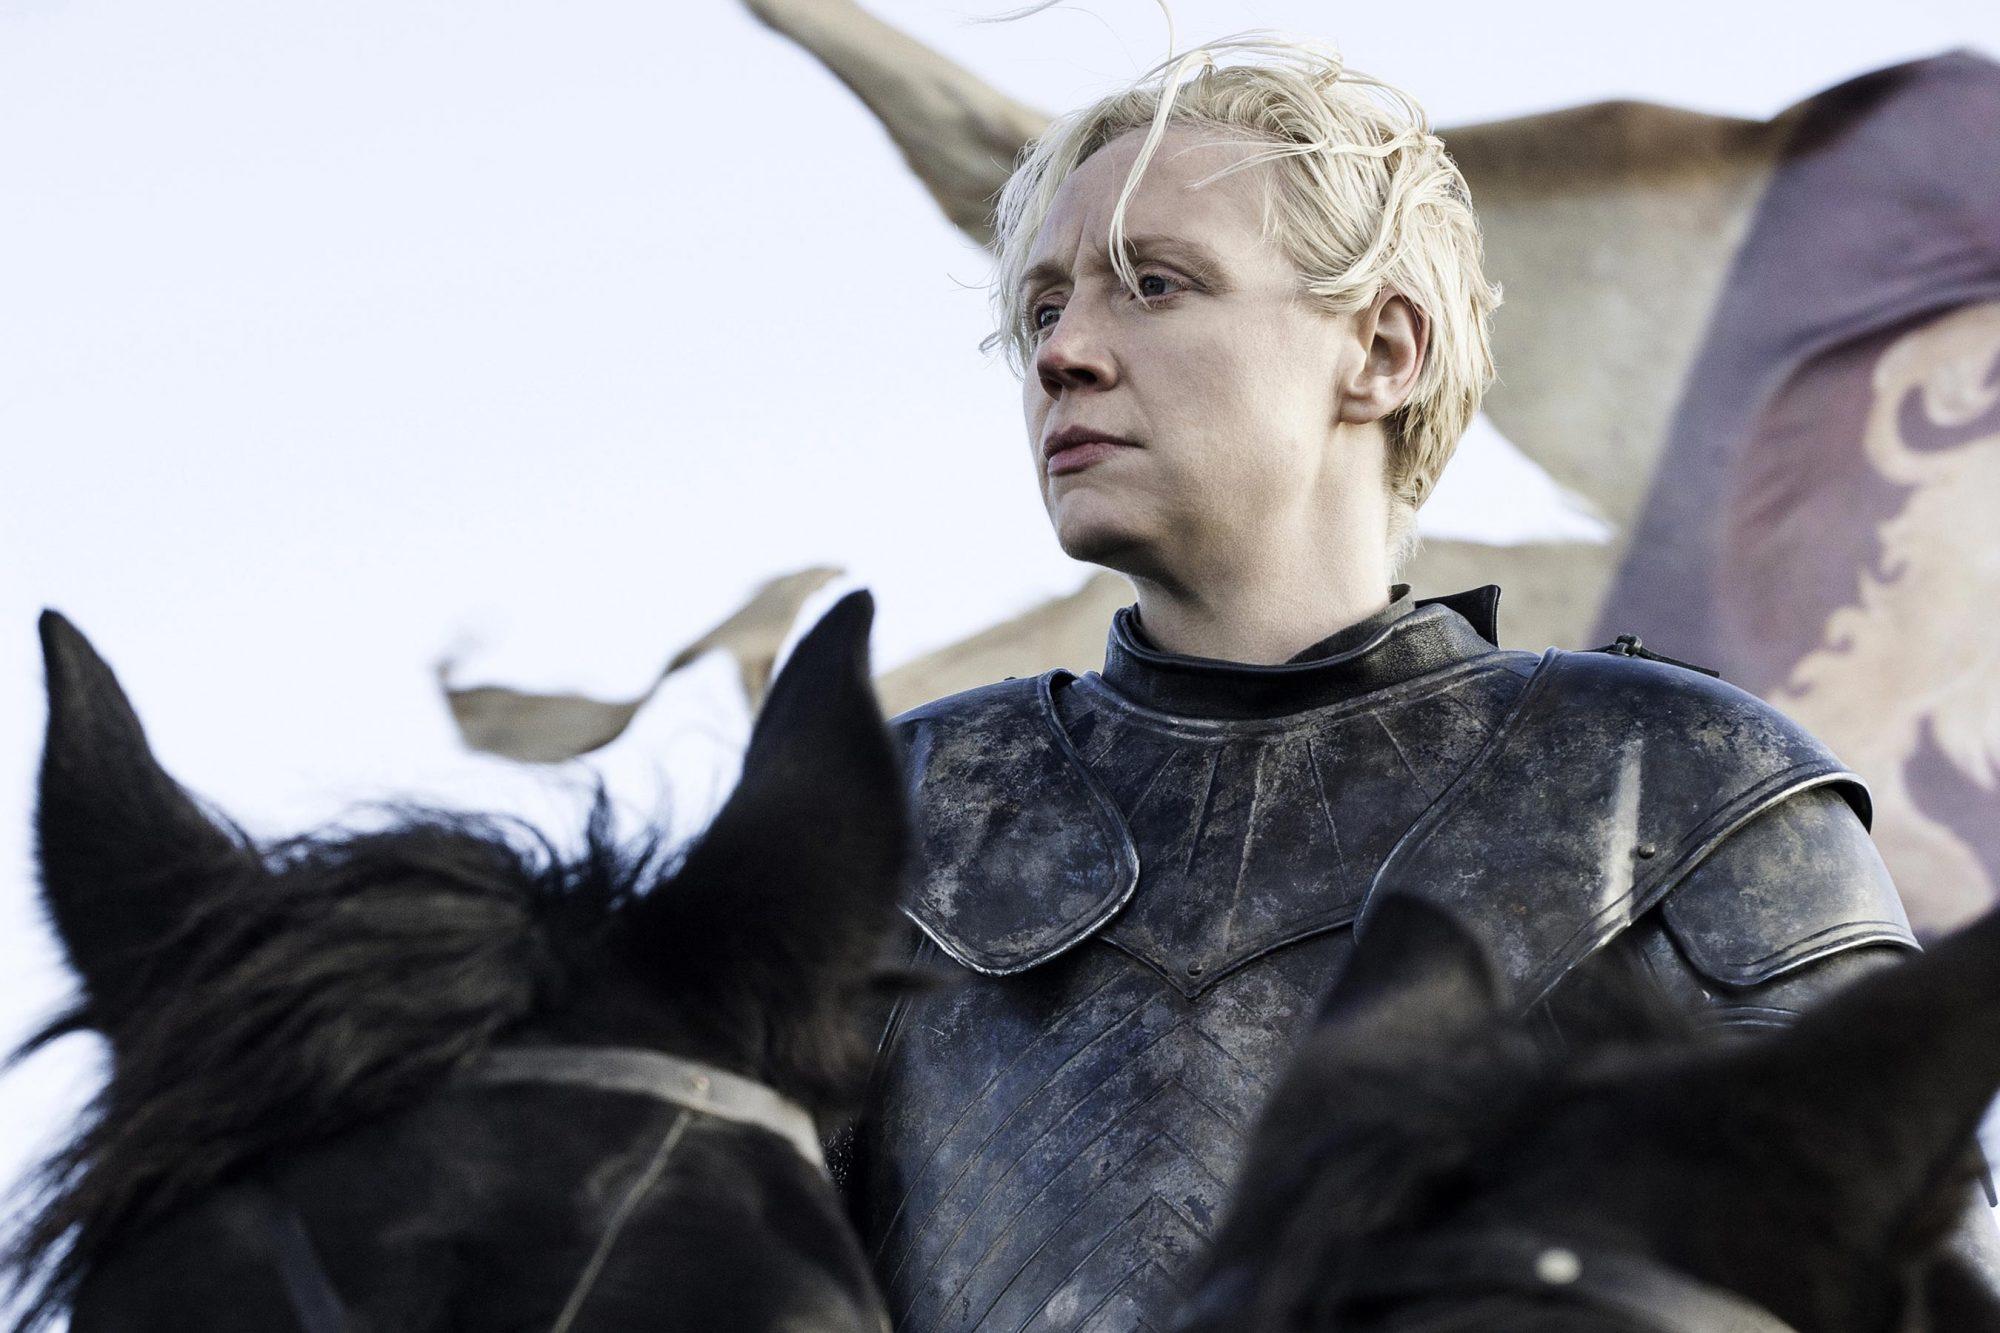 Brienne